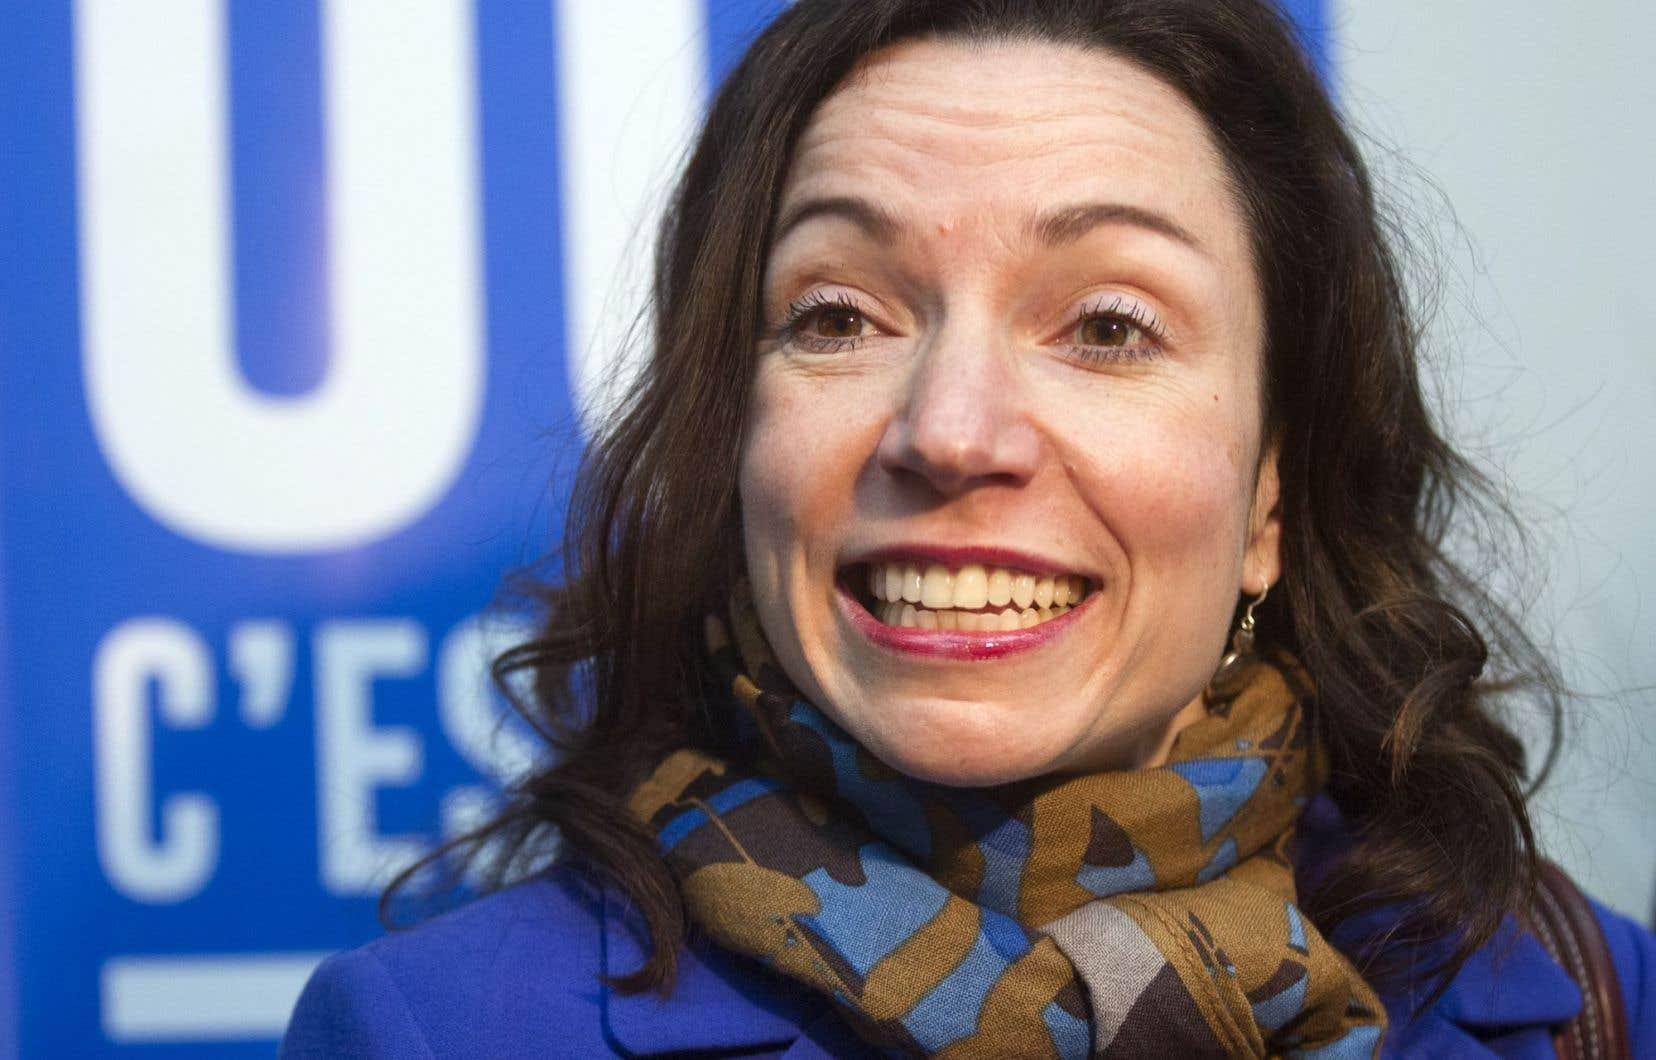 «Martine représente bien ces valeurs de social-démocratie verte qui sont les miennes», a affirmé Kathleen Nadeau-Richard.